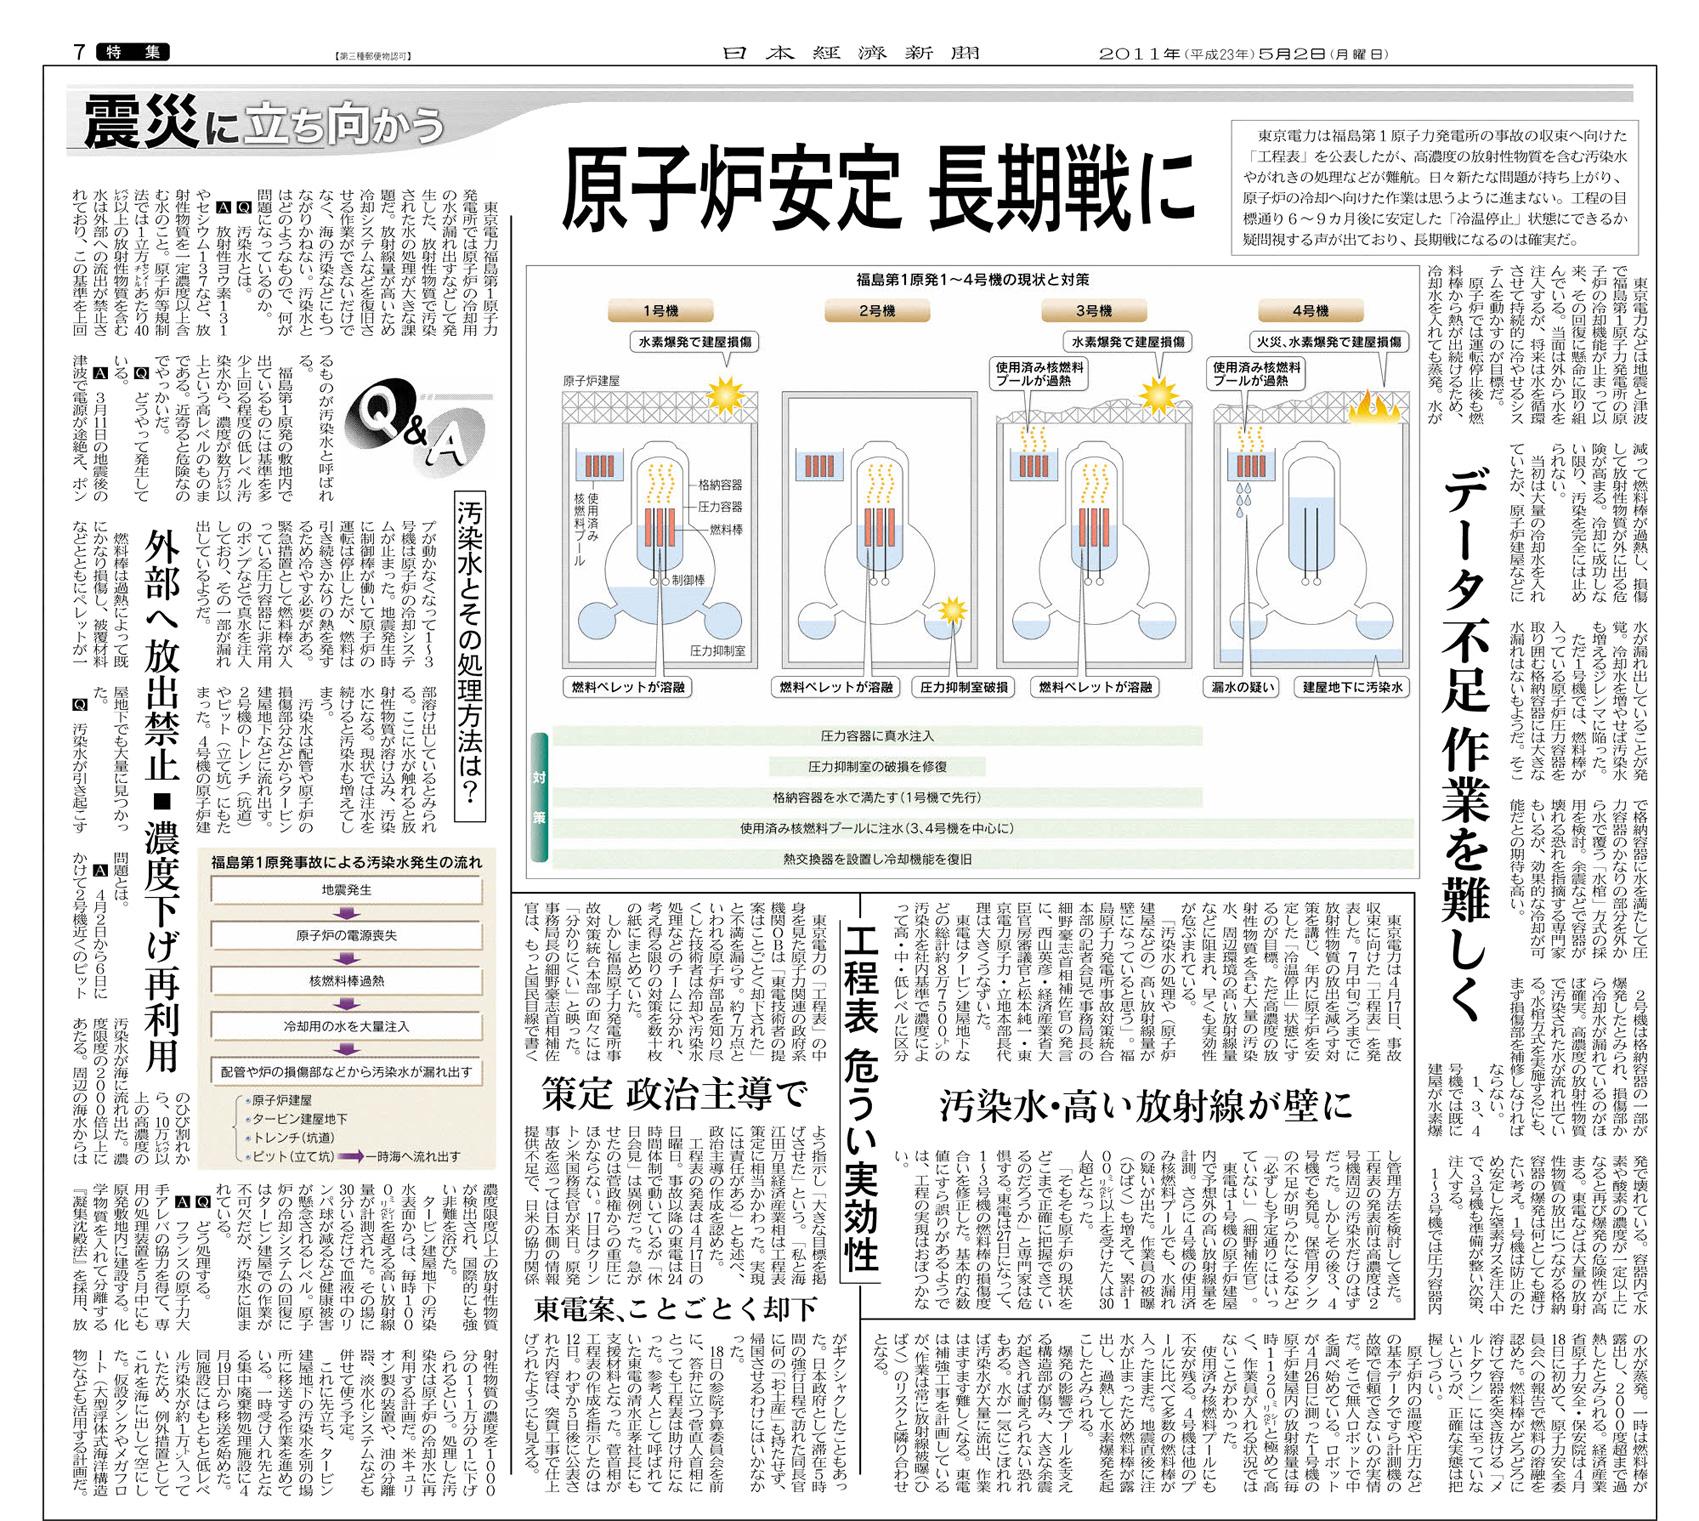 日経新聞 2011.5.2